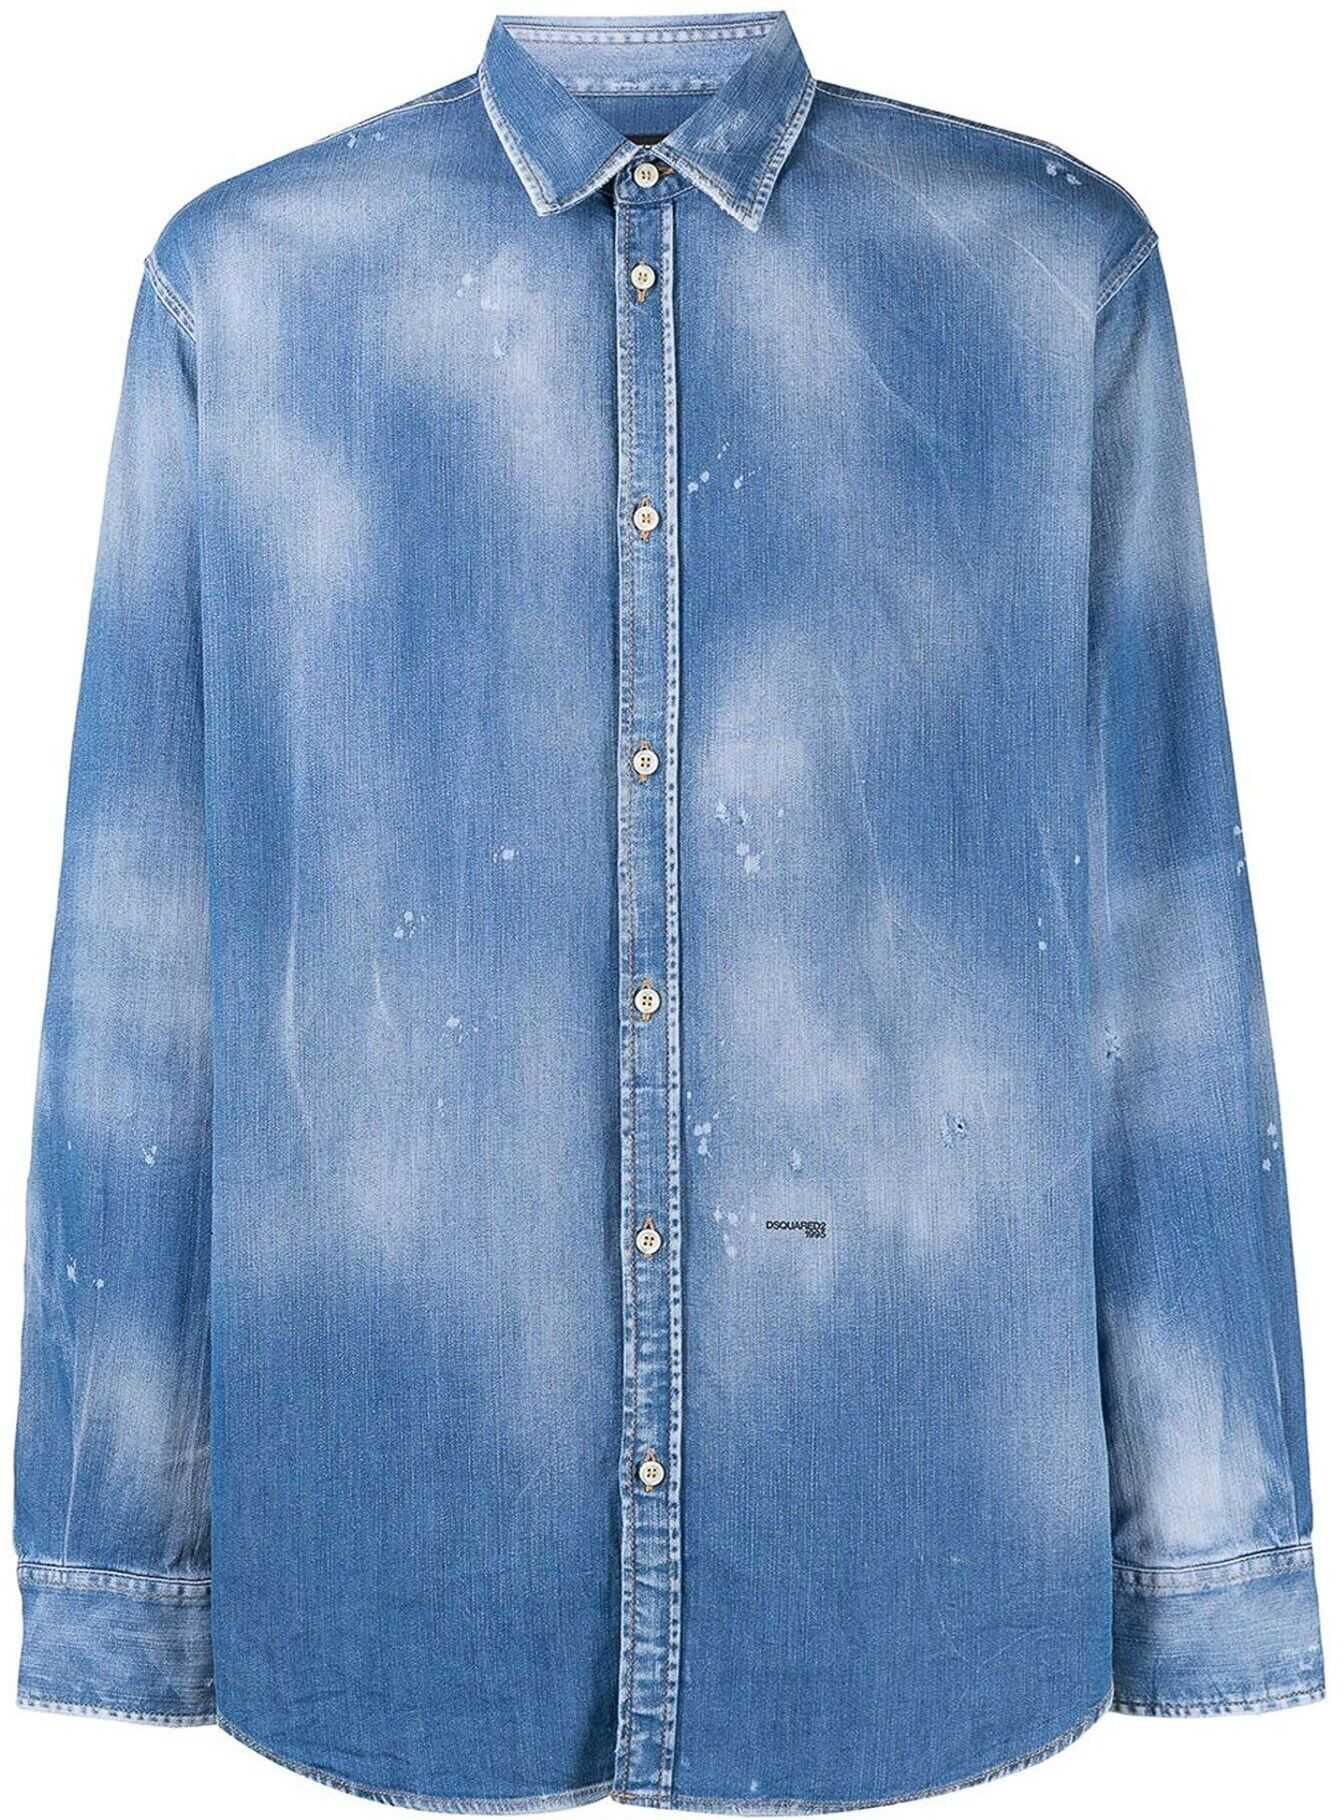 DSQUARED2 Dan Denim Shirt In Blue Blue imagine